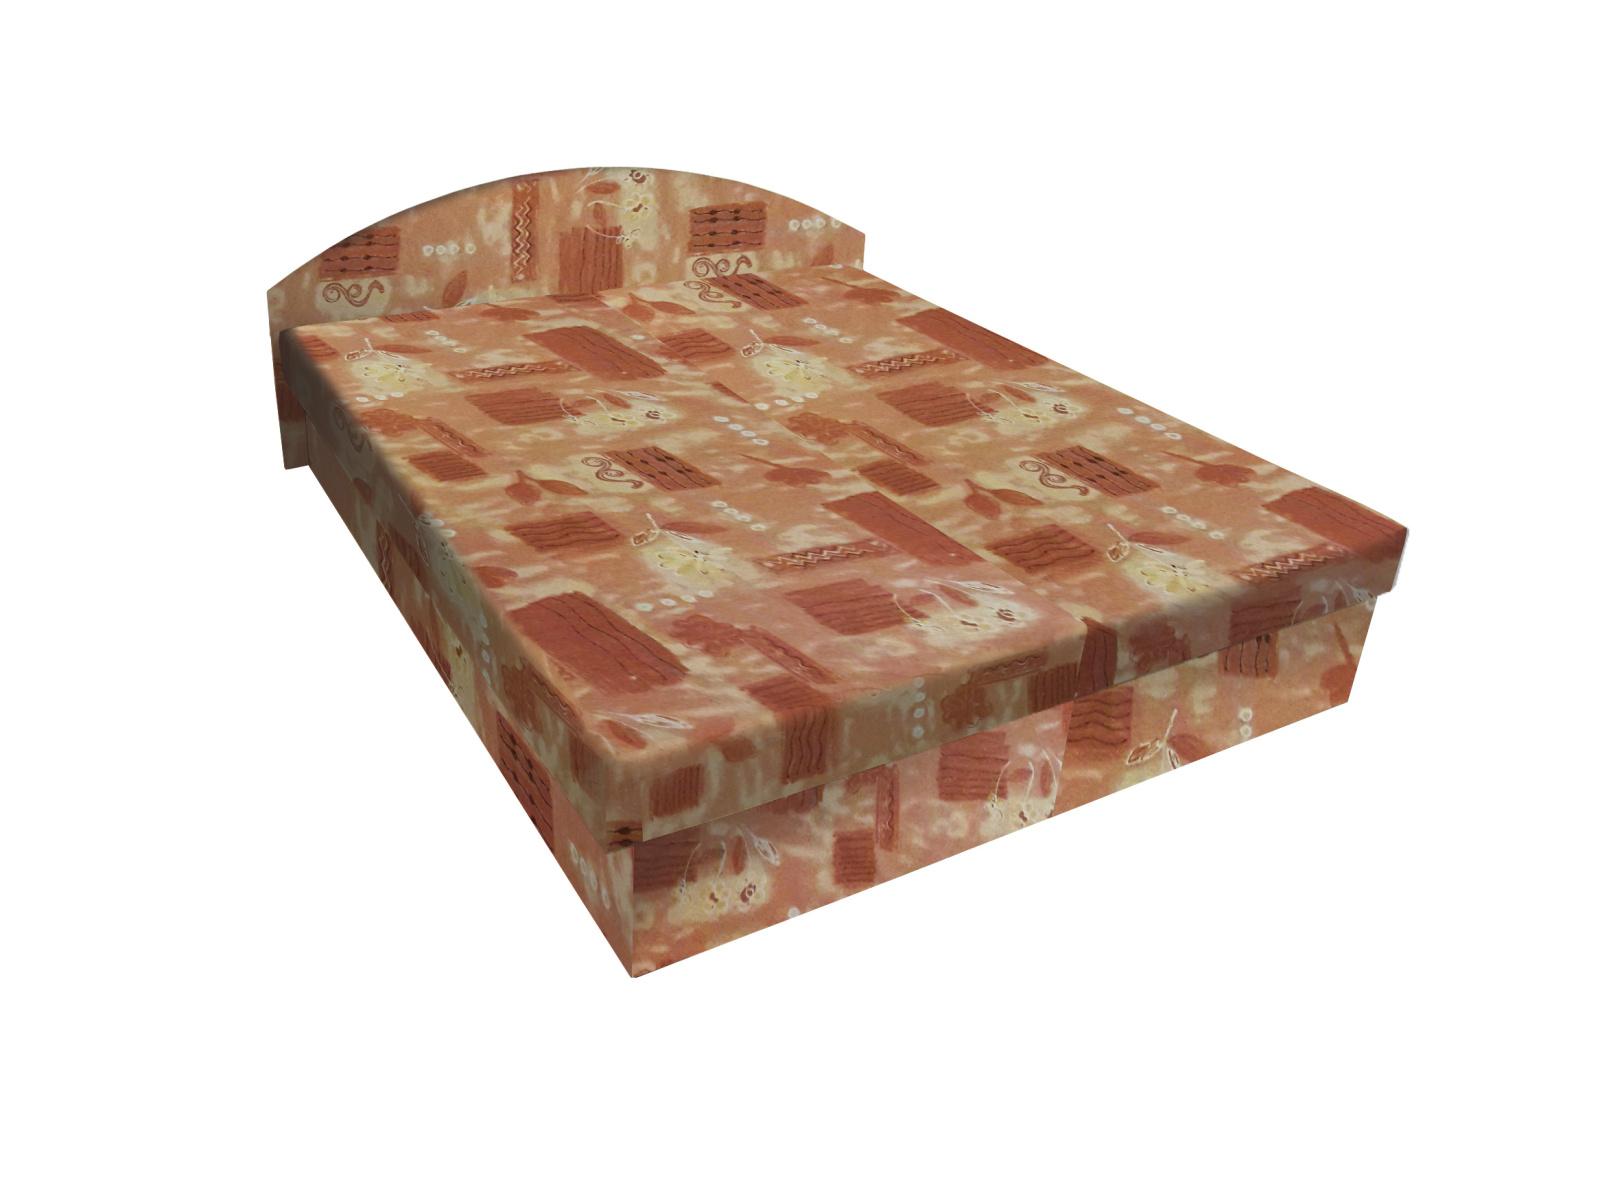 Smartshop Čalouněná postel ÁJA 160x195 cm, hnědá látka